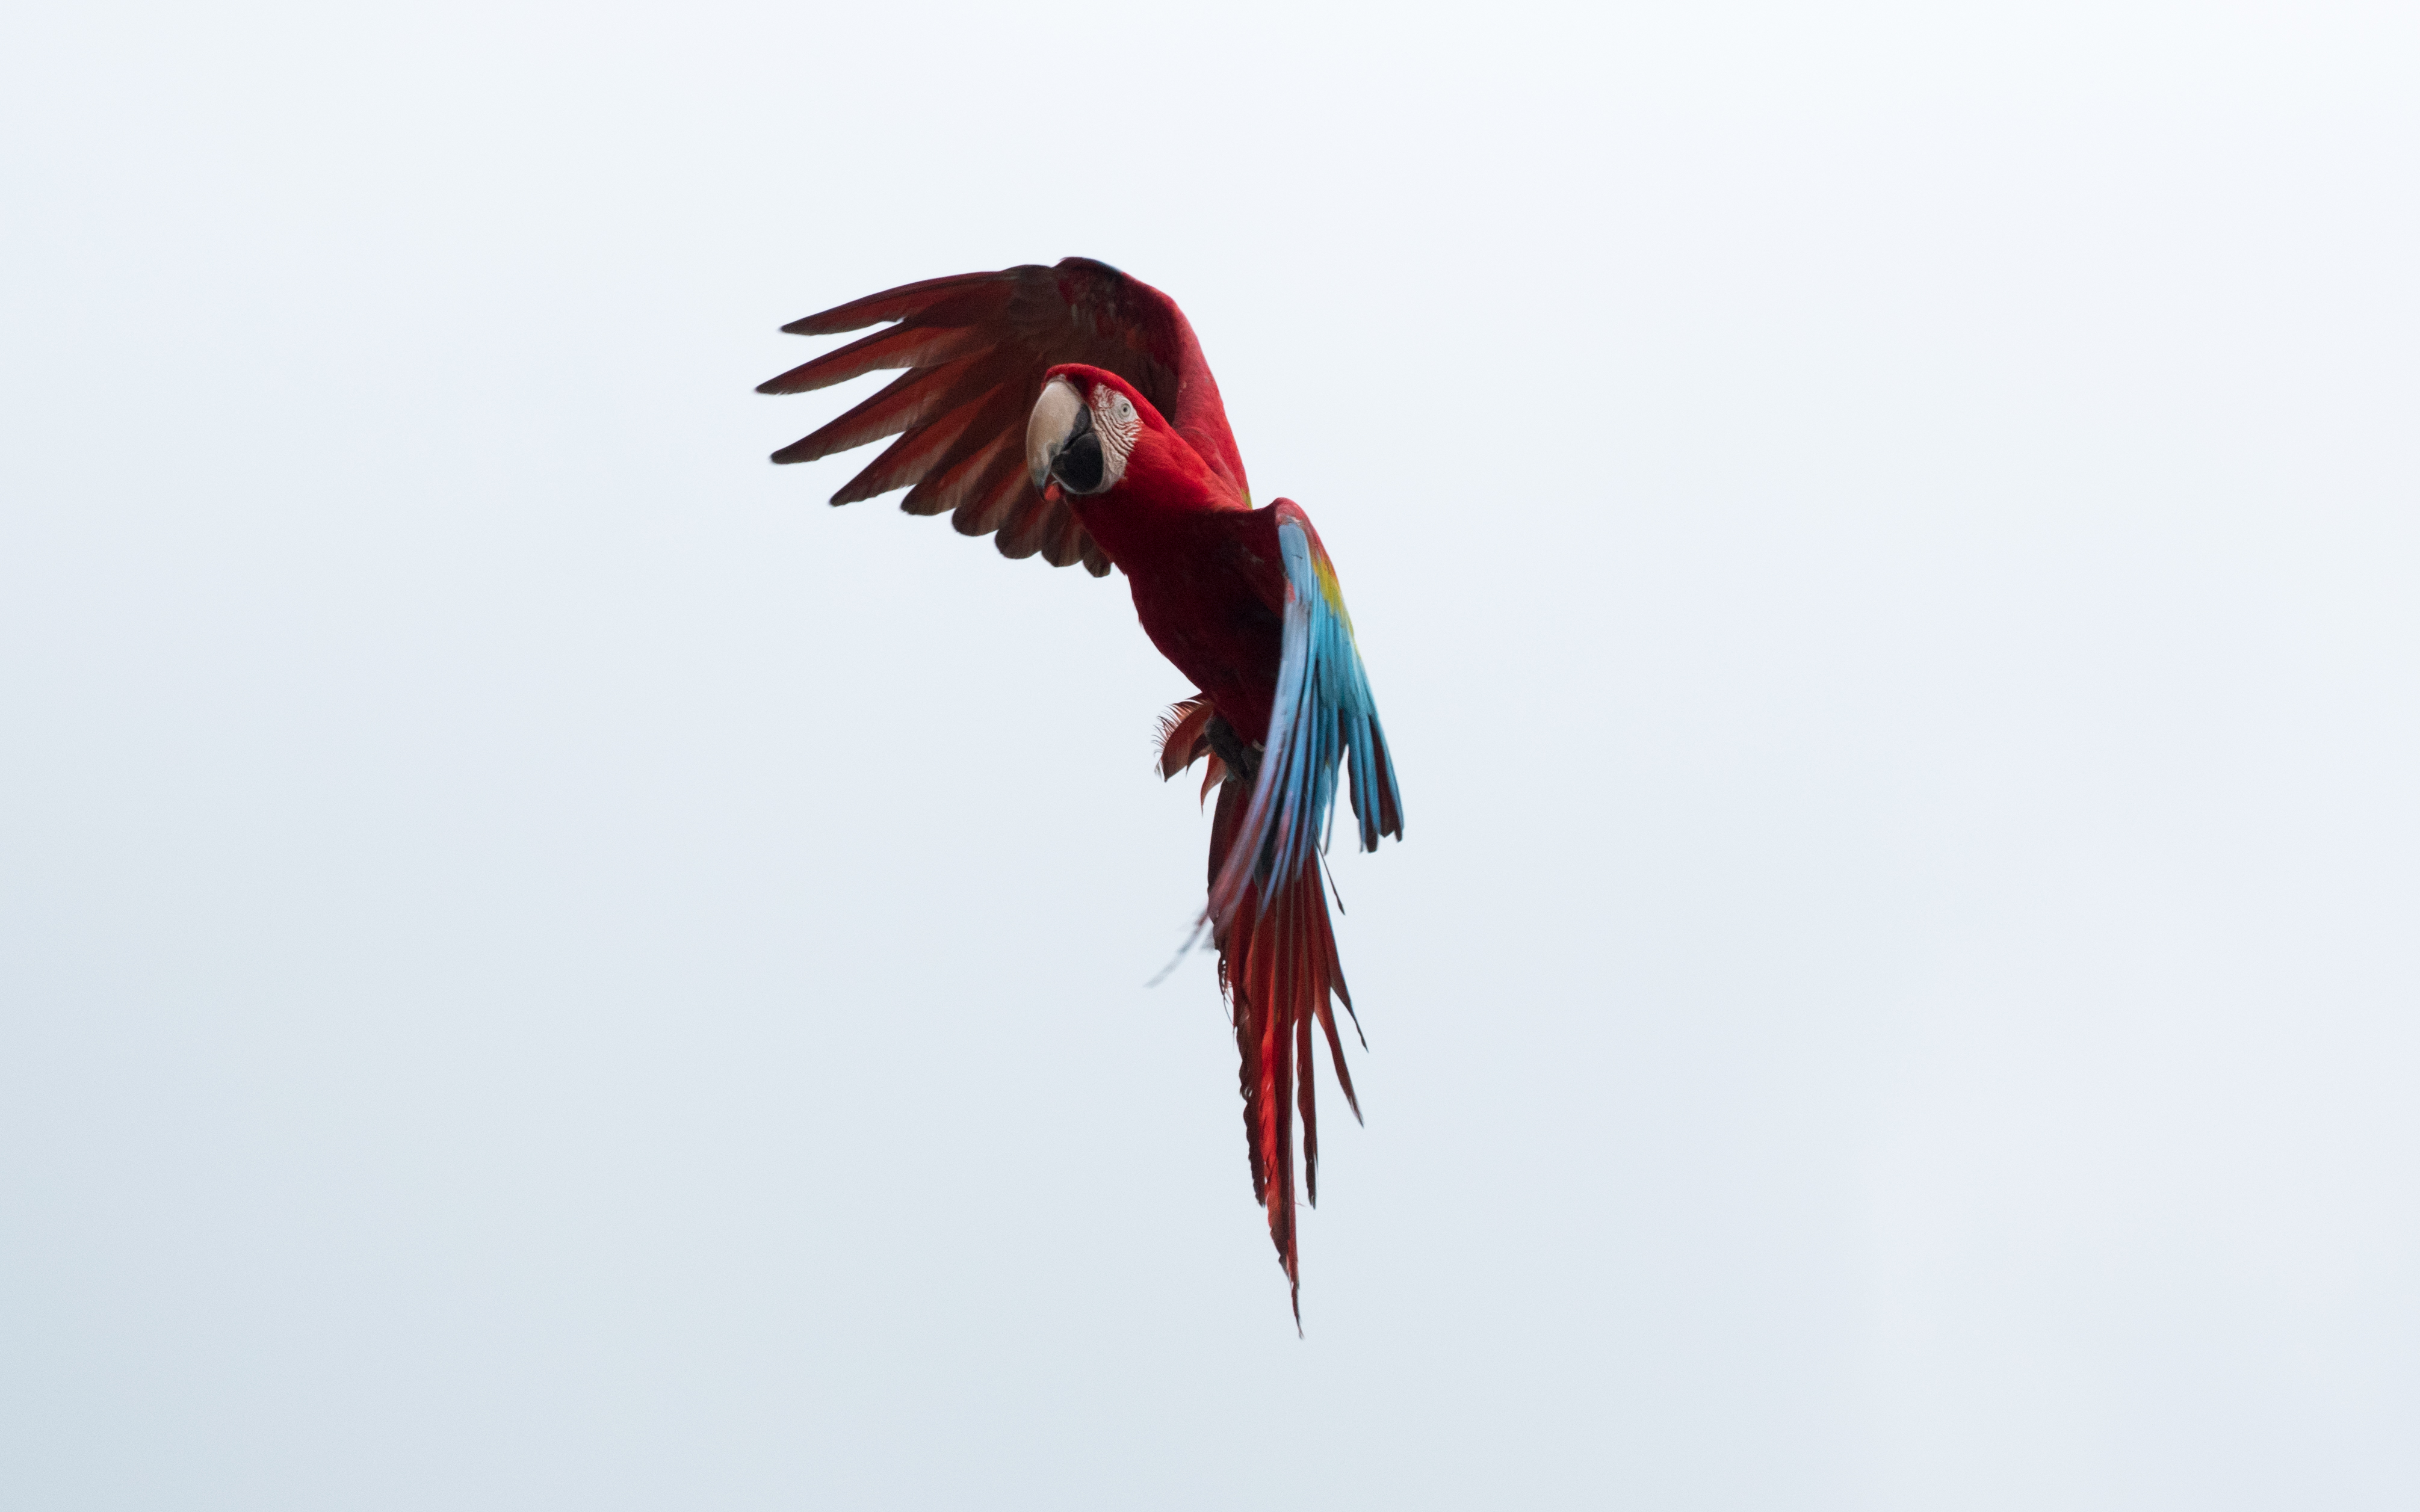 110208 Заставки и Обои Попугаи на телефон. Скачать Попугаи, Животные, Небо, Птица, Полет, Ара картинки бесплатно